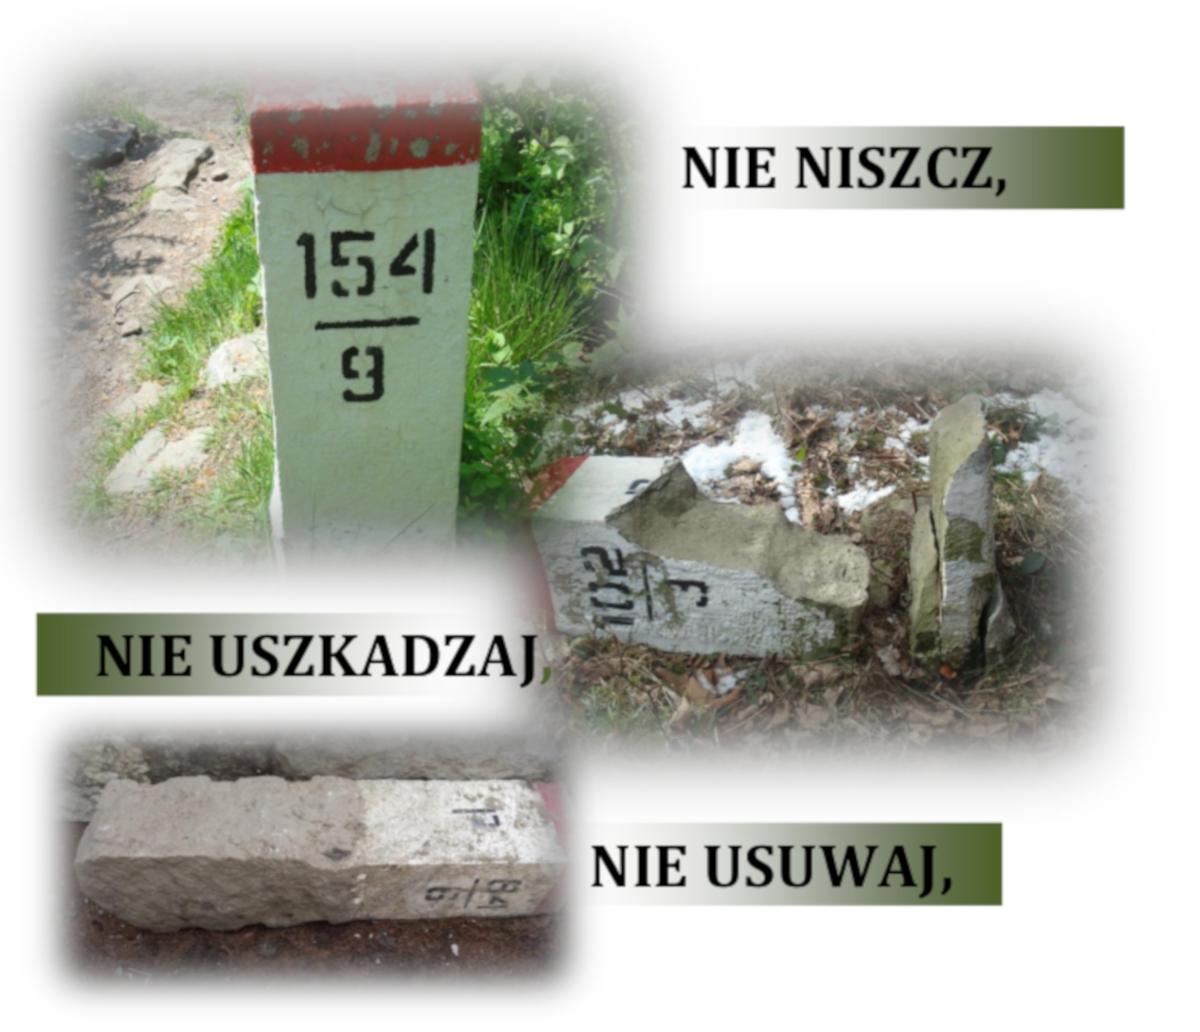 Polski kodeks karny nadal przewiduje za niszczenie, uszkadzanie, usuwanie, przesuwanie znaków granicznych lub czynienie ich niewidocznymi grzywnę, karę ograniczenia a nawet pozbawienia wolności do dwóch lat (fot.slaski.strazgraniczna.pl)